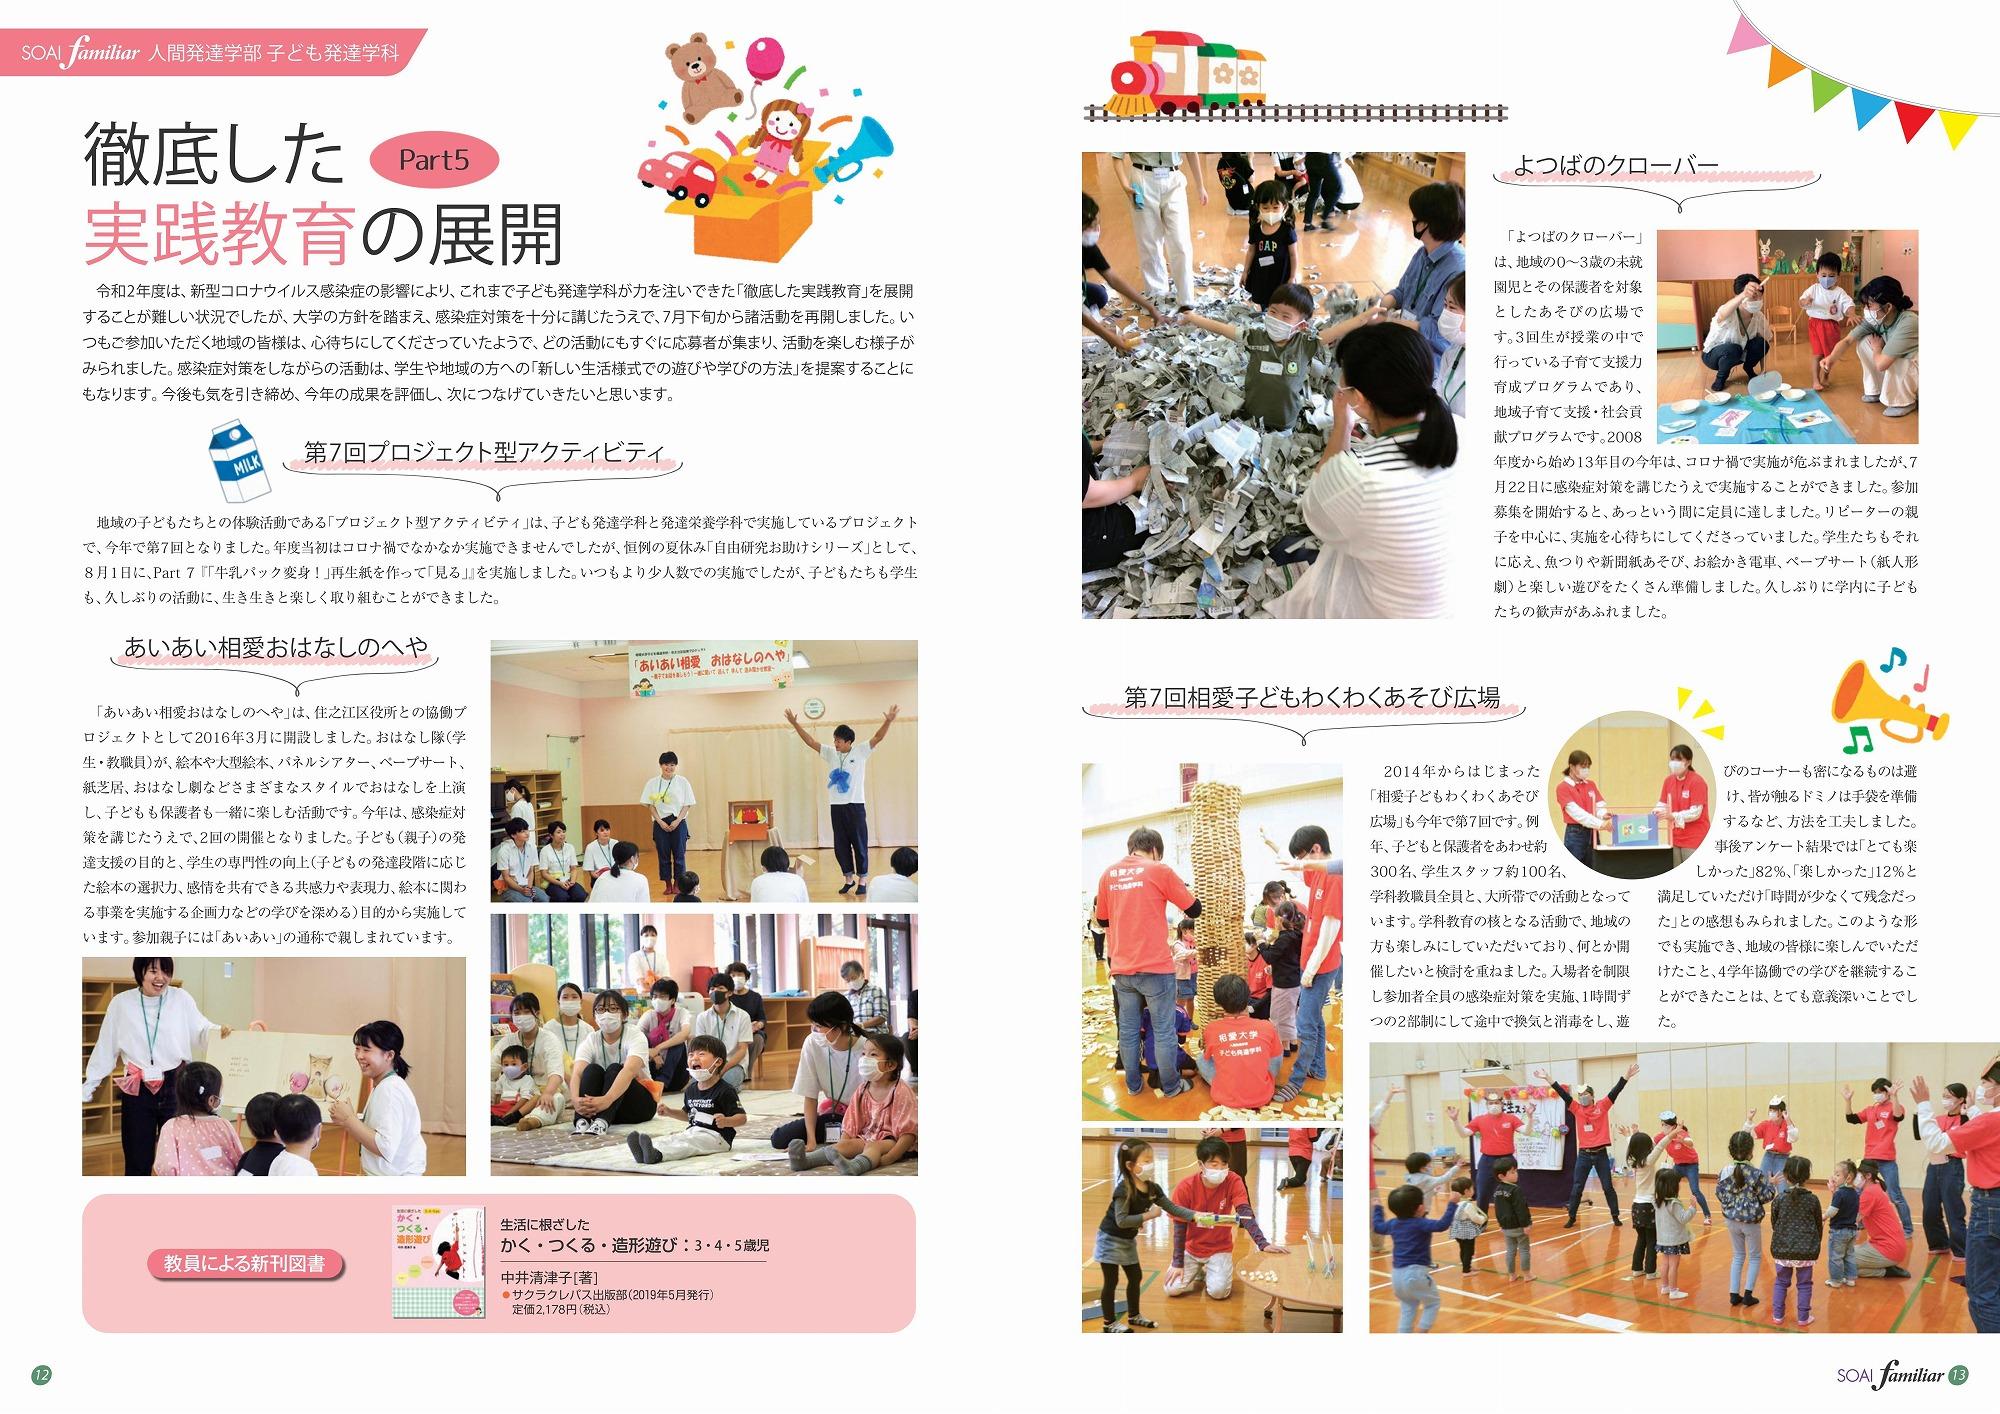 https://www.soai.ac.jp/information/news/2021_soaifamiliar_06.jpg